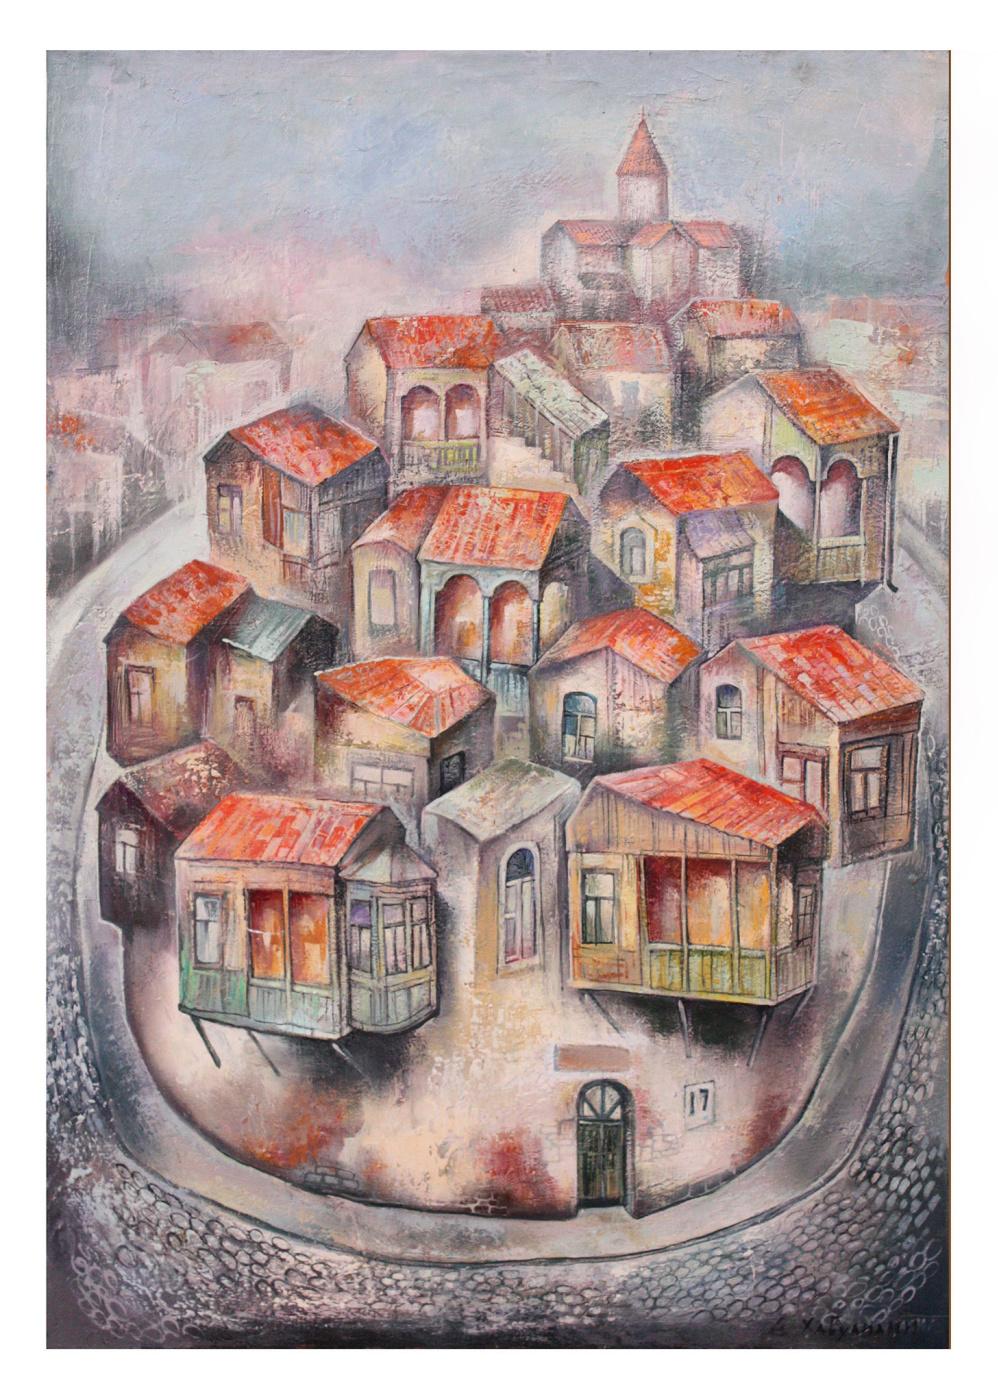 Emzar Khabuliani. Old town